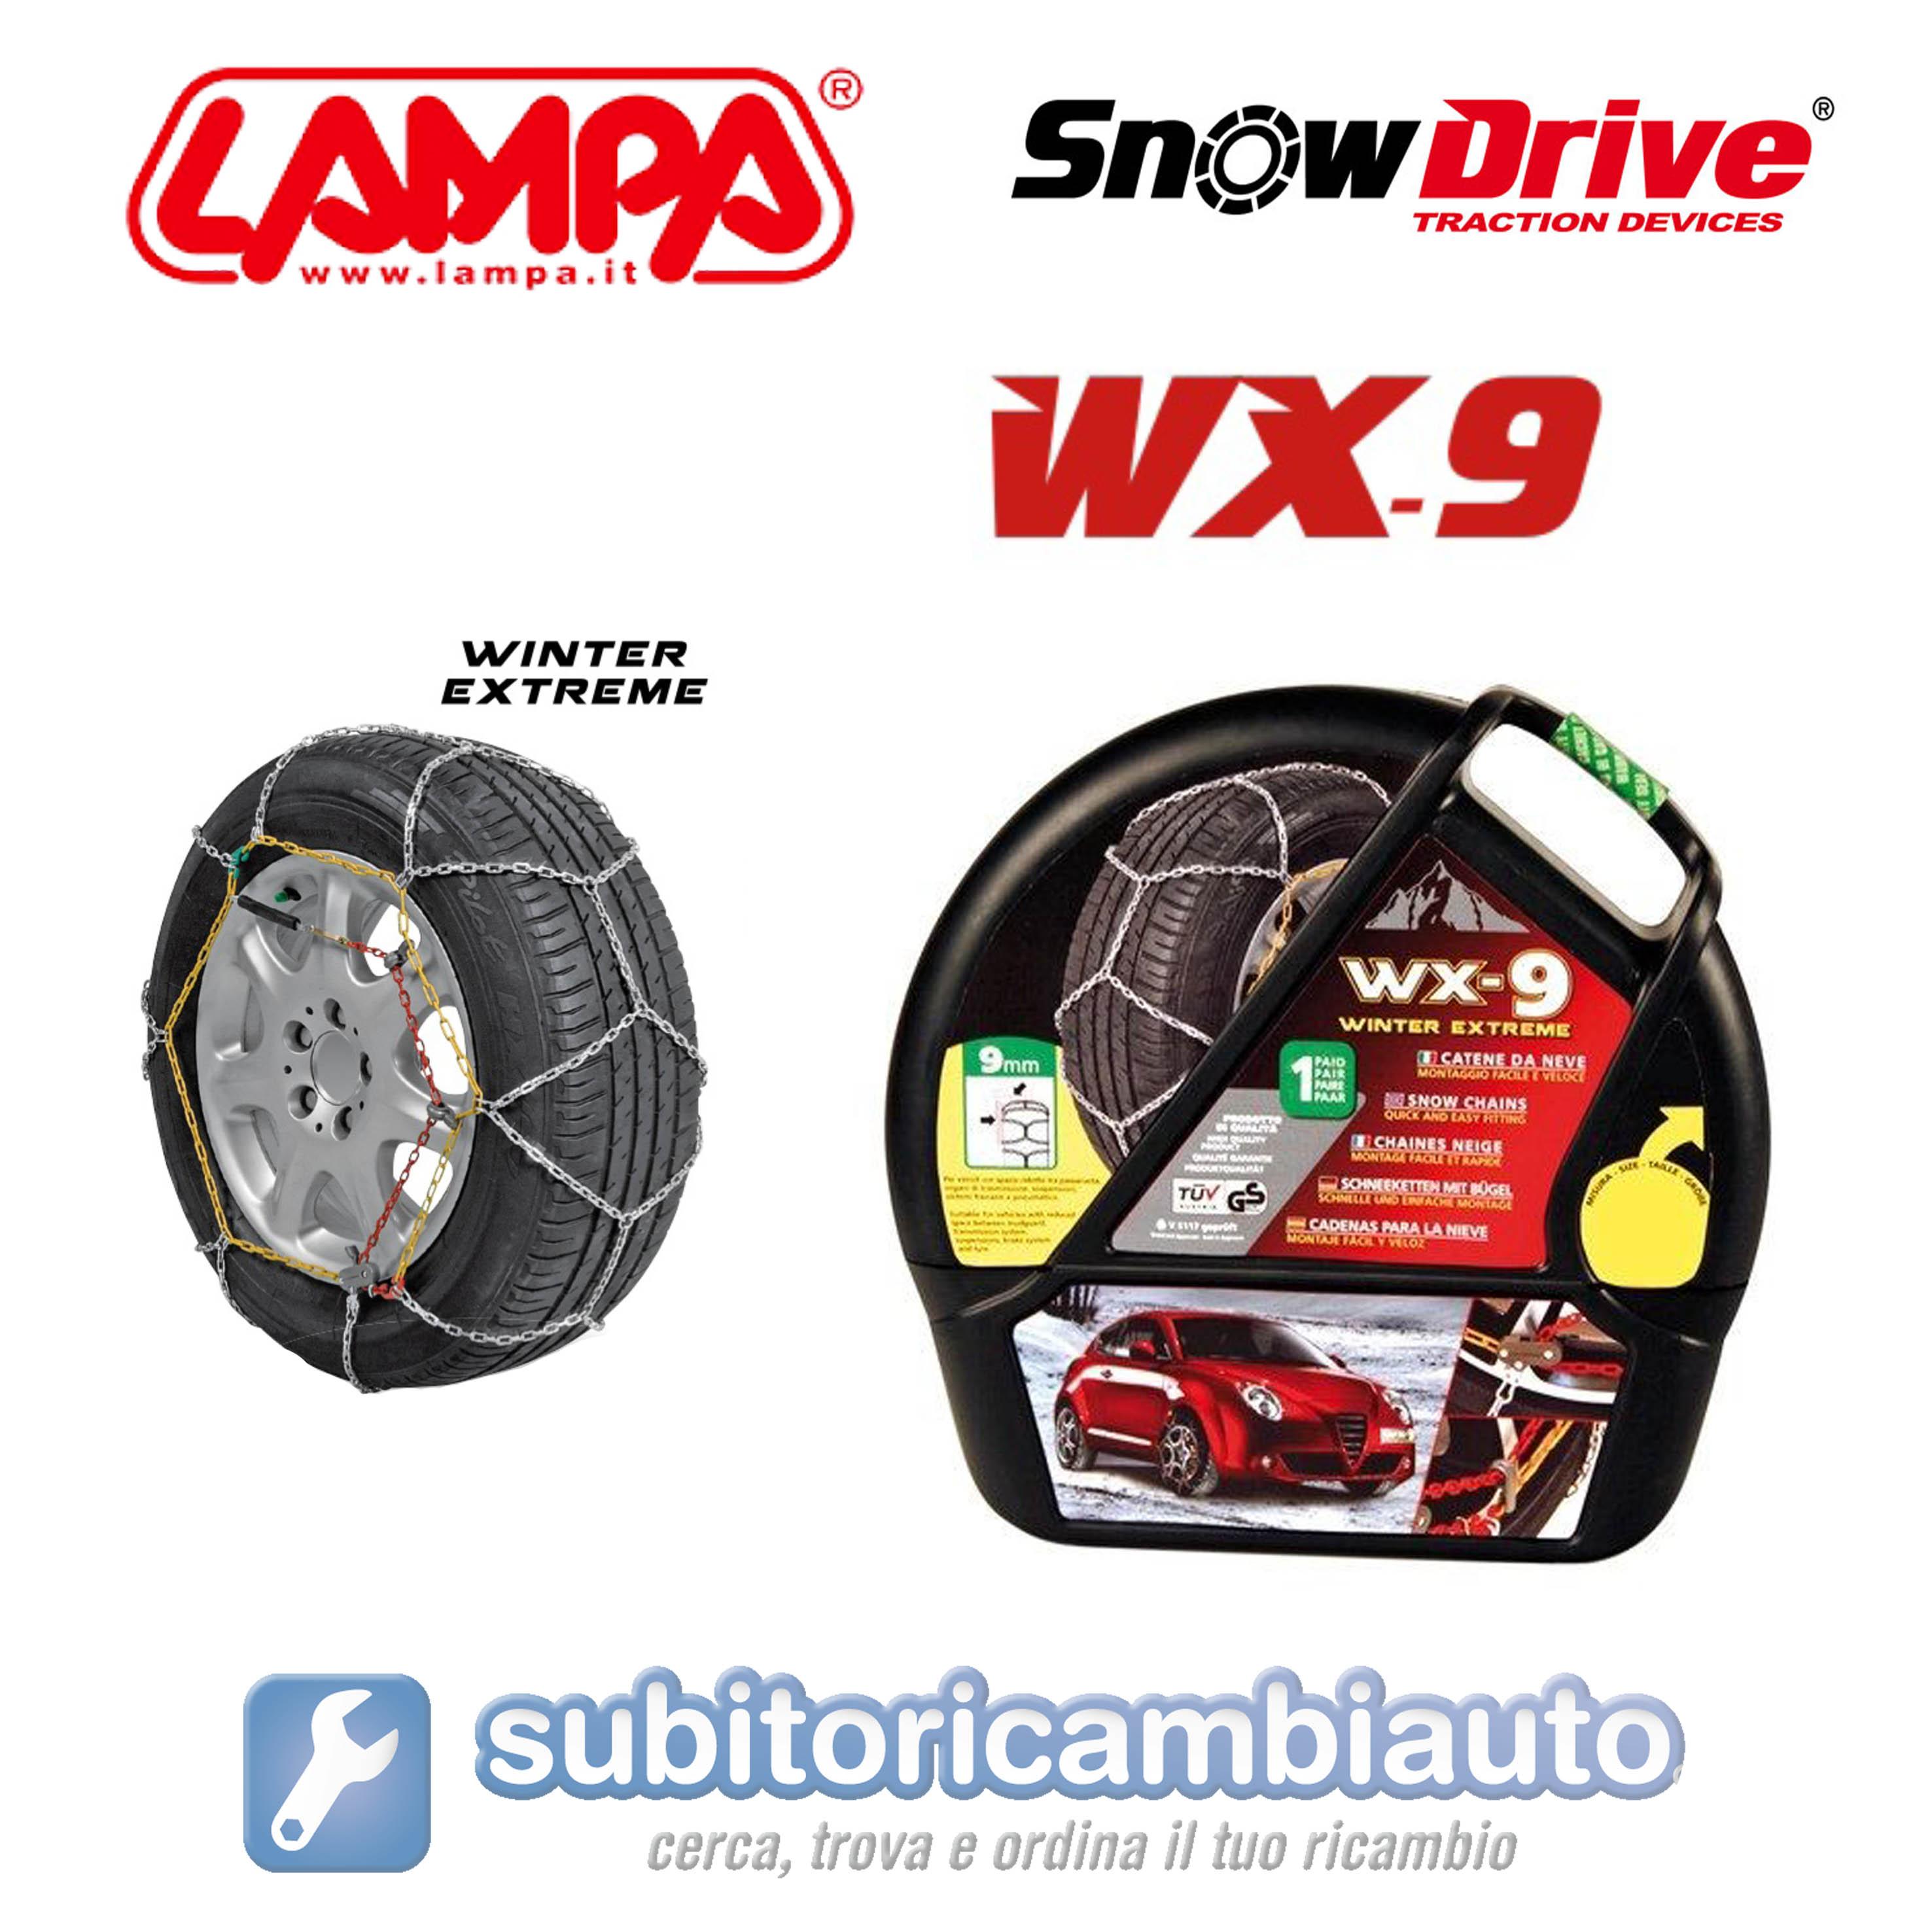 GD02021 Catene da Neve 9mm Lampa WX-9 Gruppo 13 BMW Serie 7 gomme 235//60R16